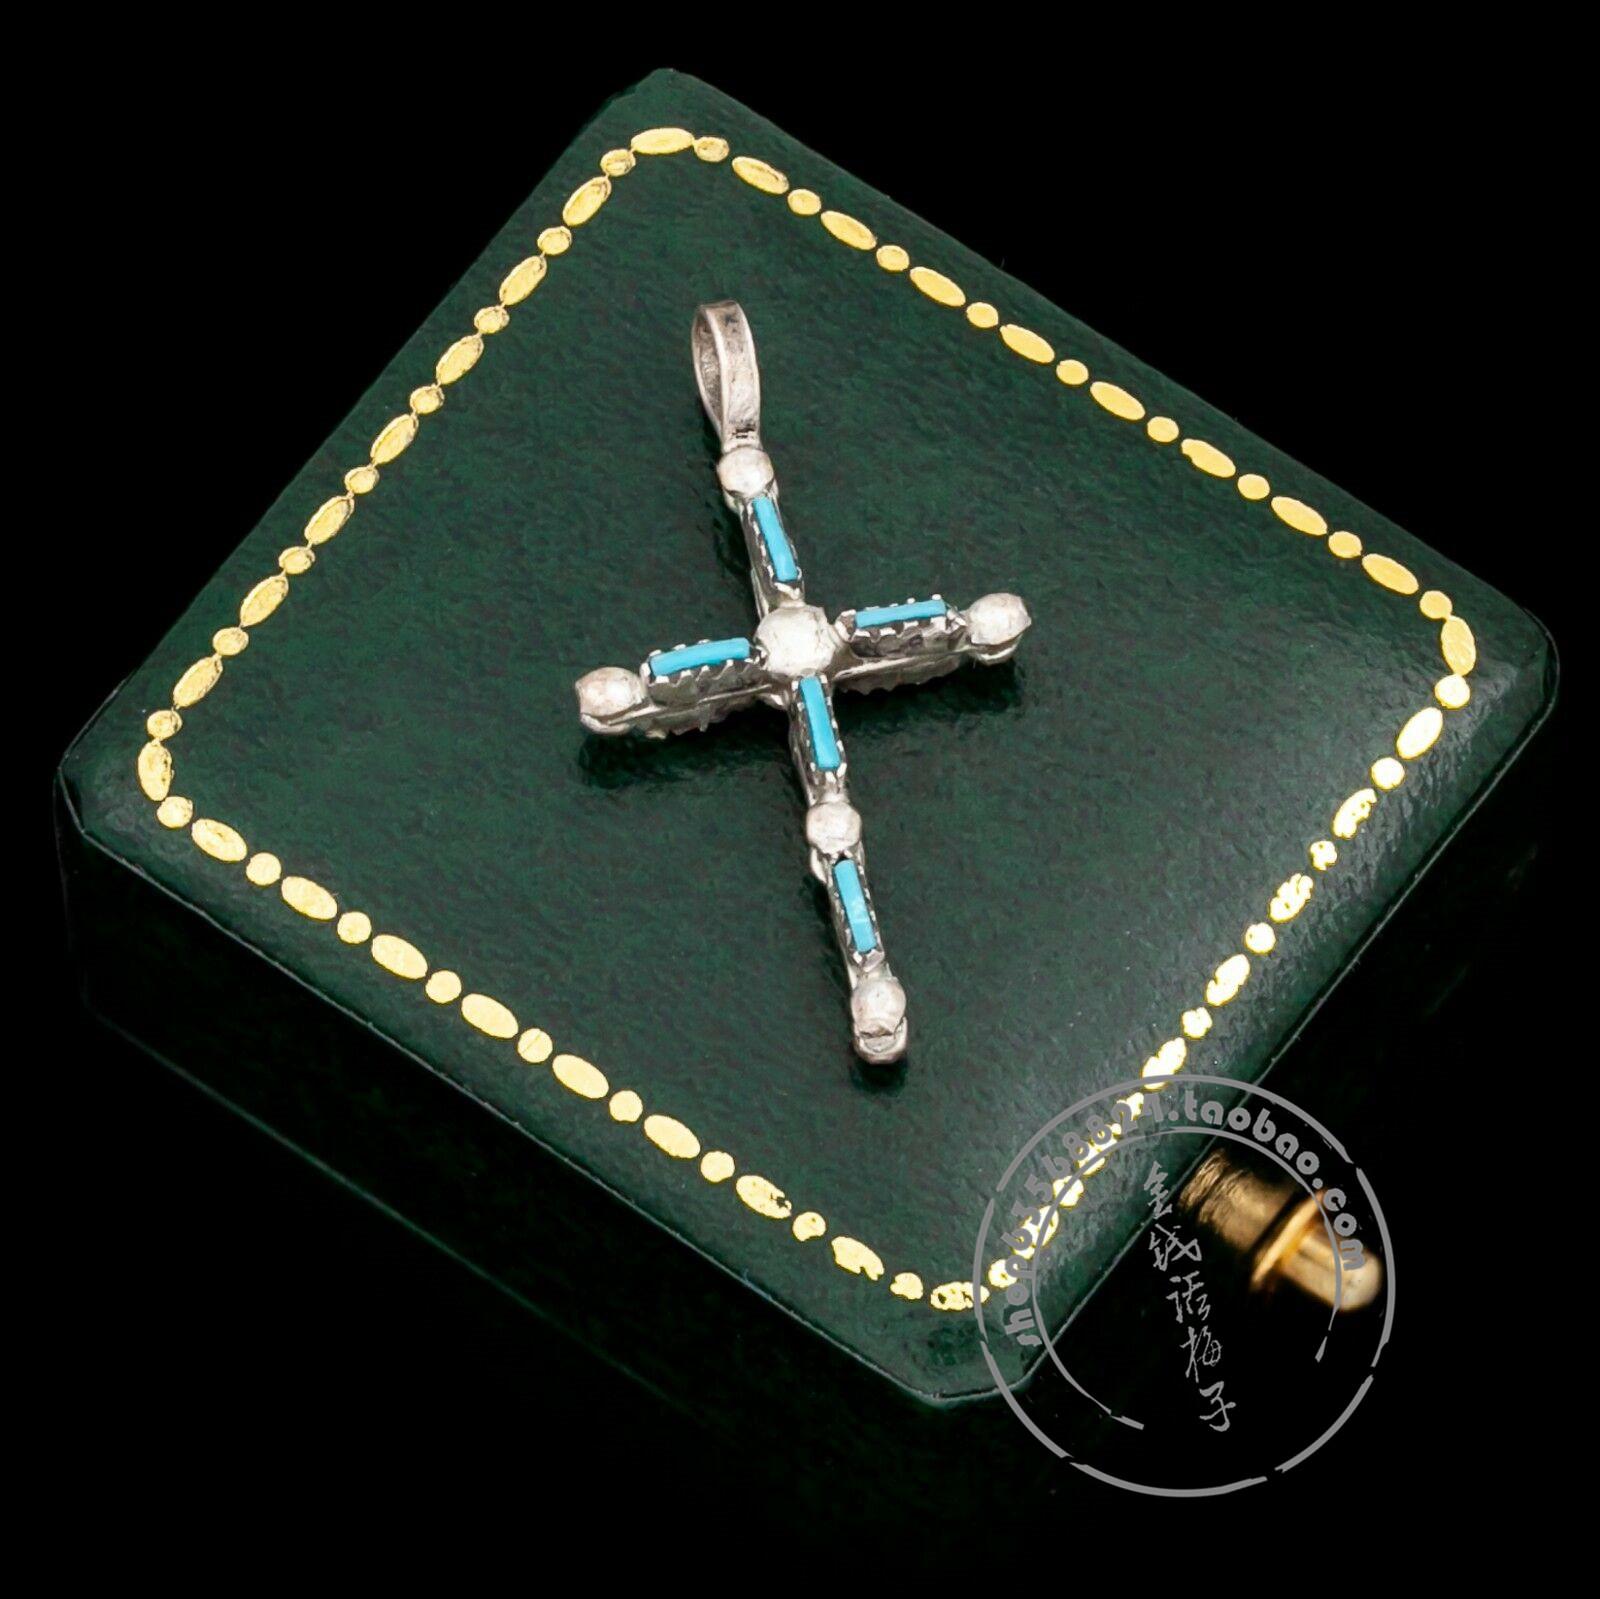 代购纯银风格纳瓦霍十字架立体吊坠